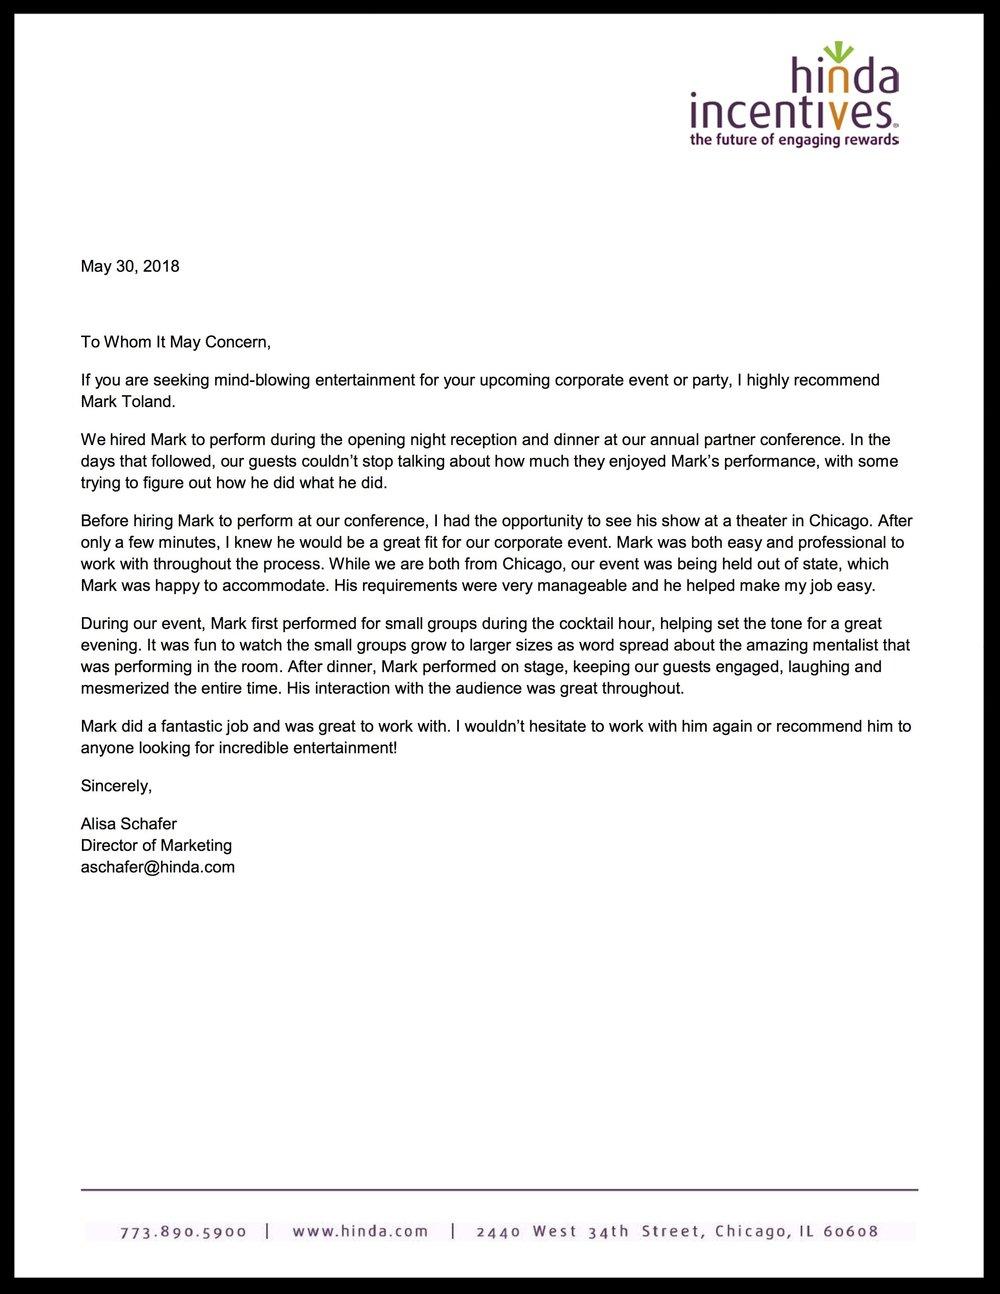 Hinda-Testimonial-Letter.jpg